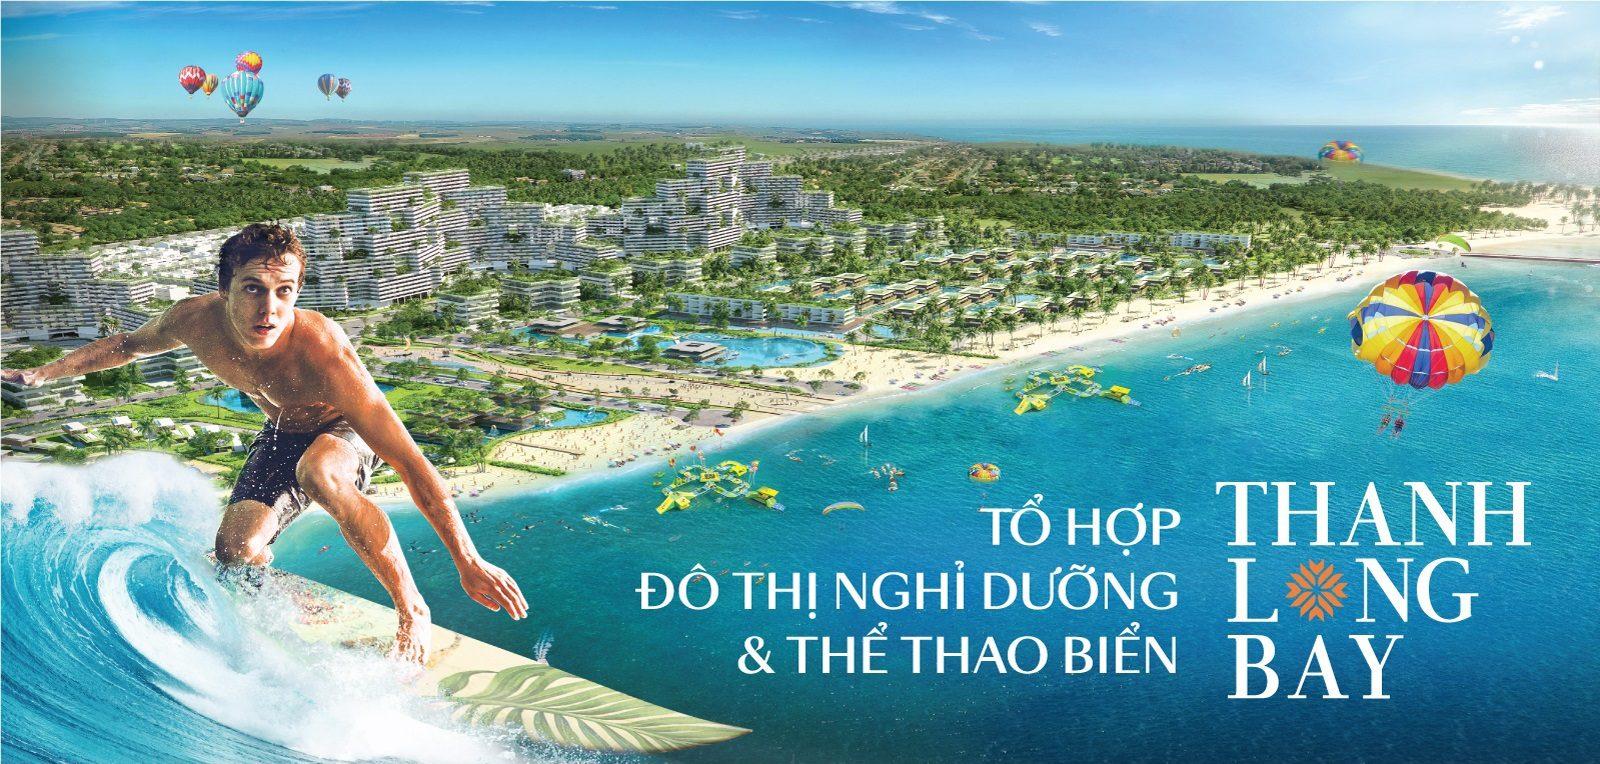 Thang Long Bay